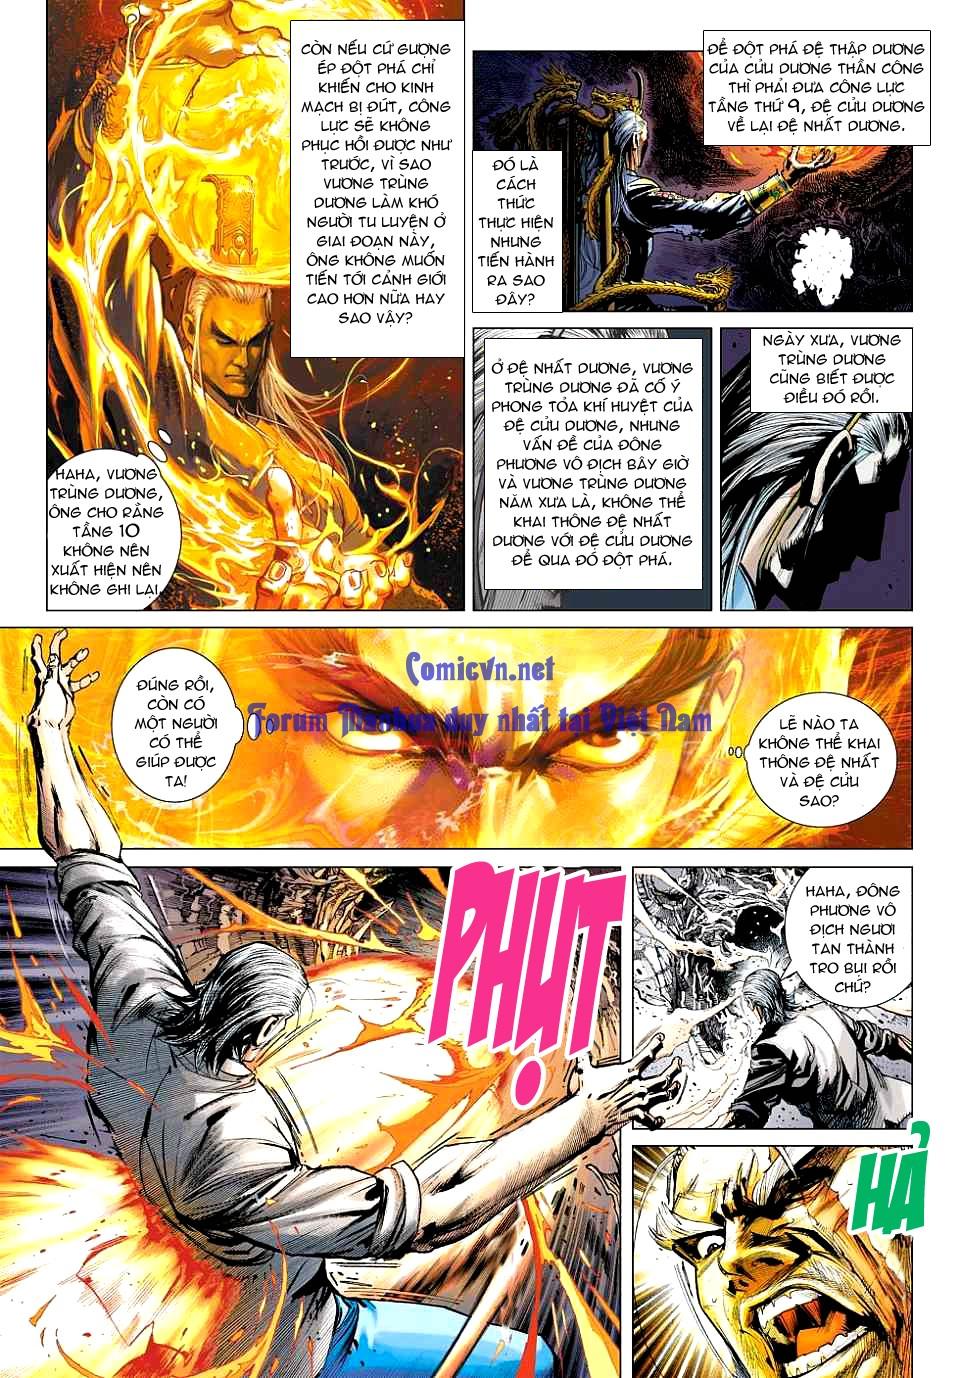 Vương Phong Lôi 1 chap 12 - Trang 11